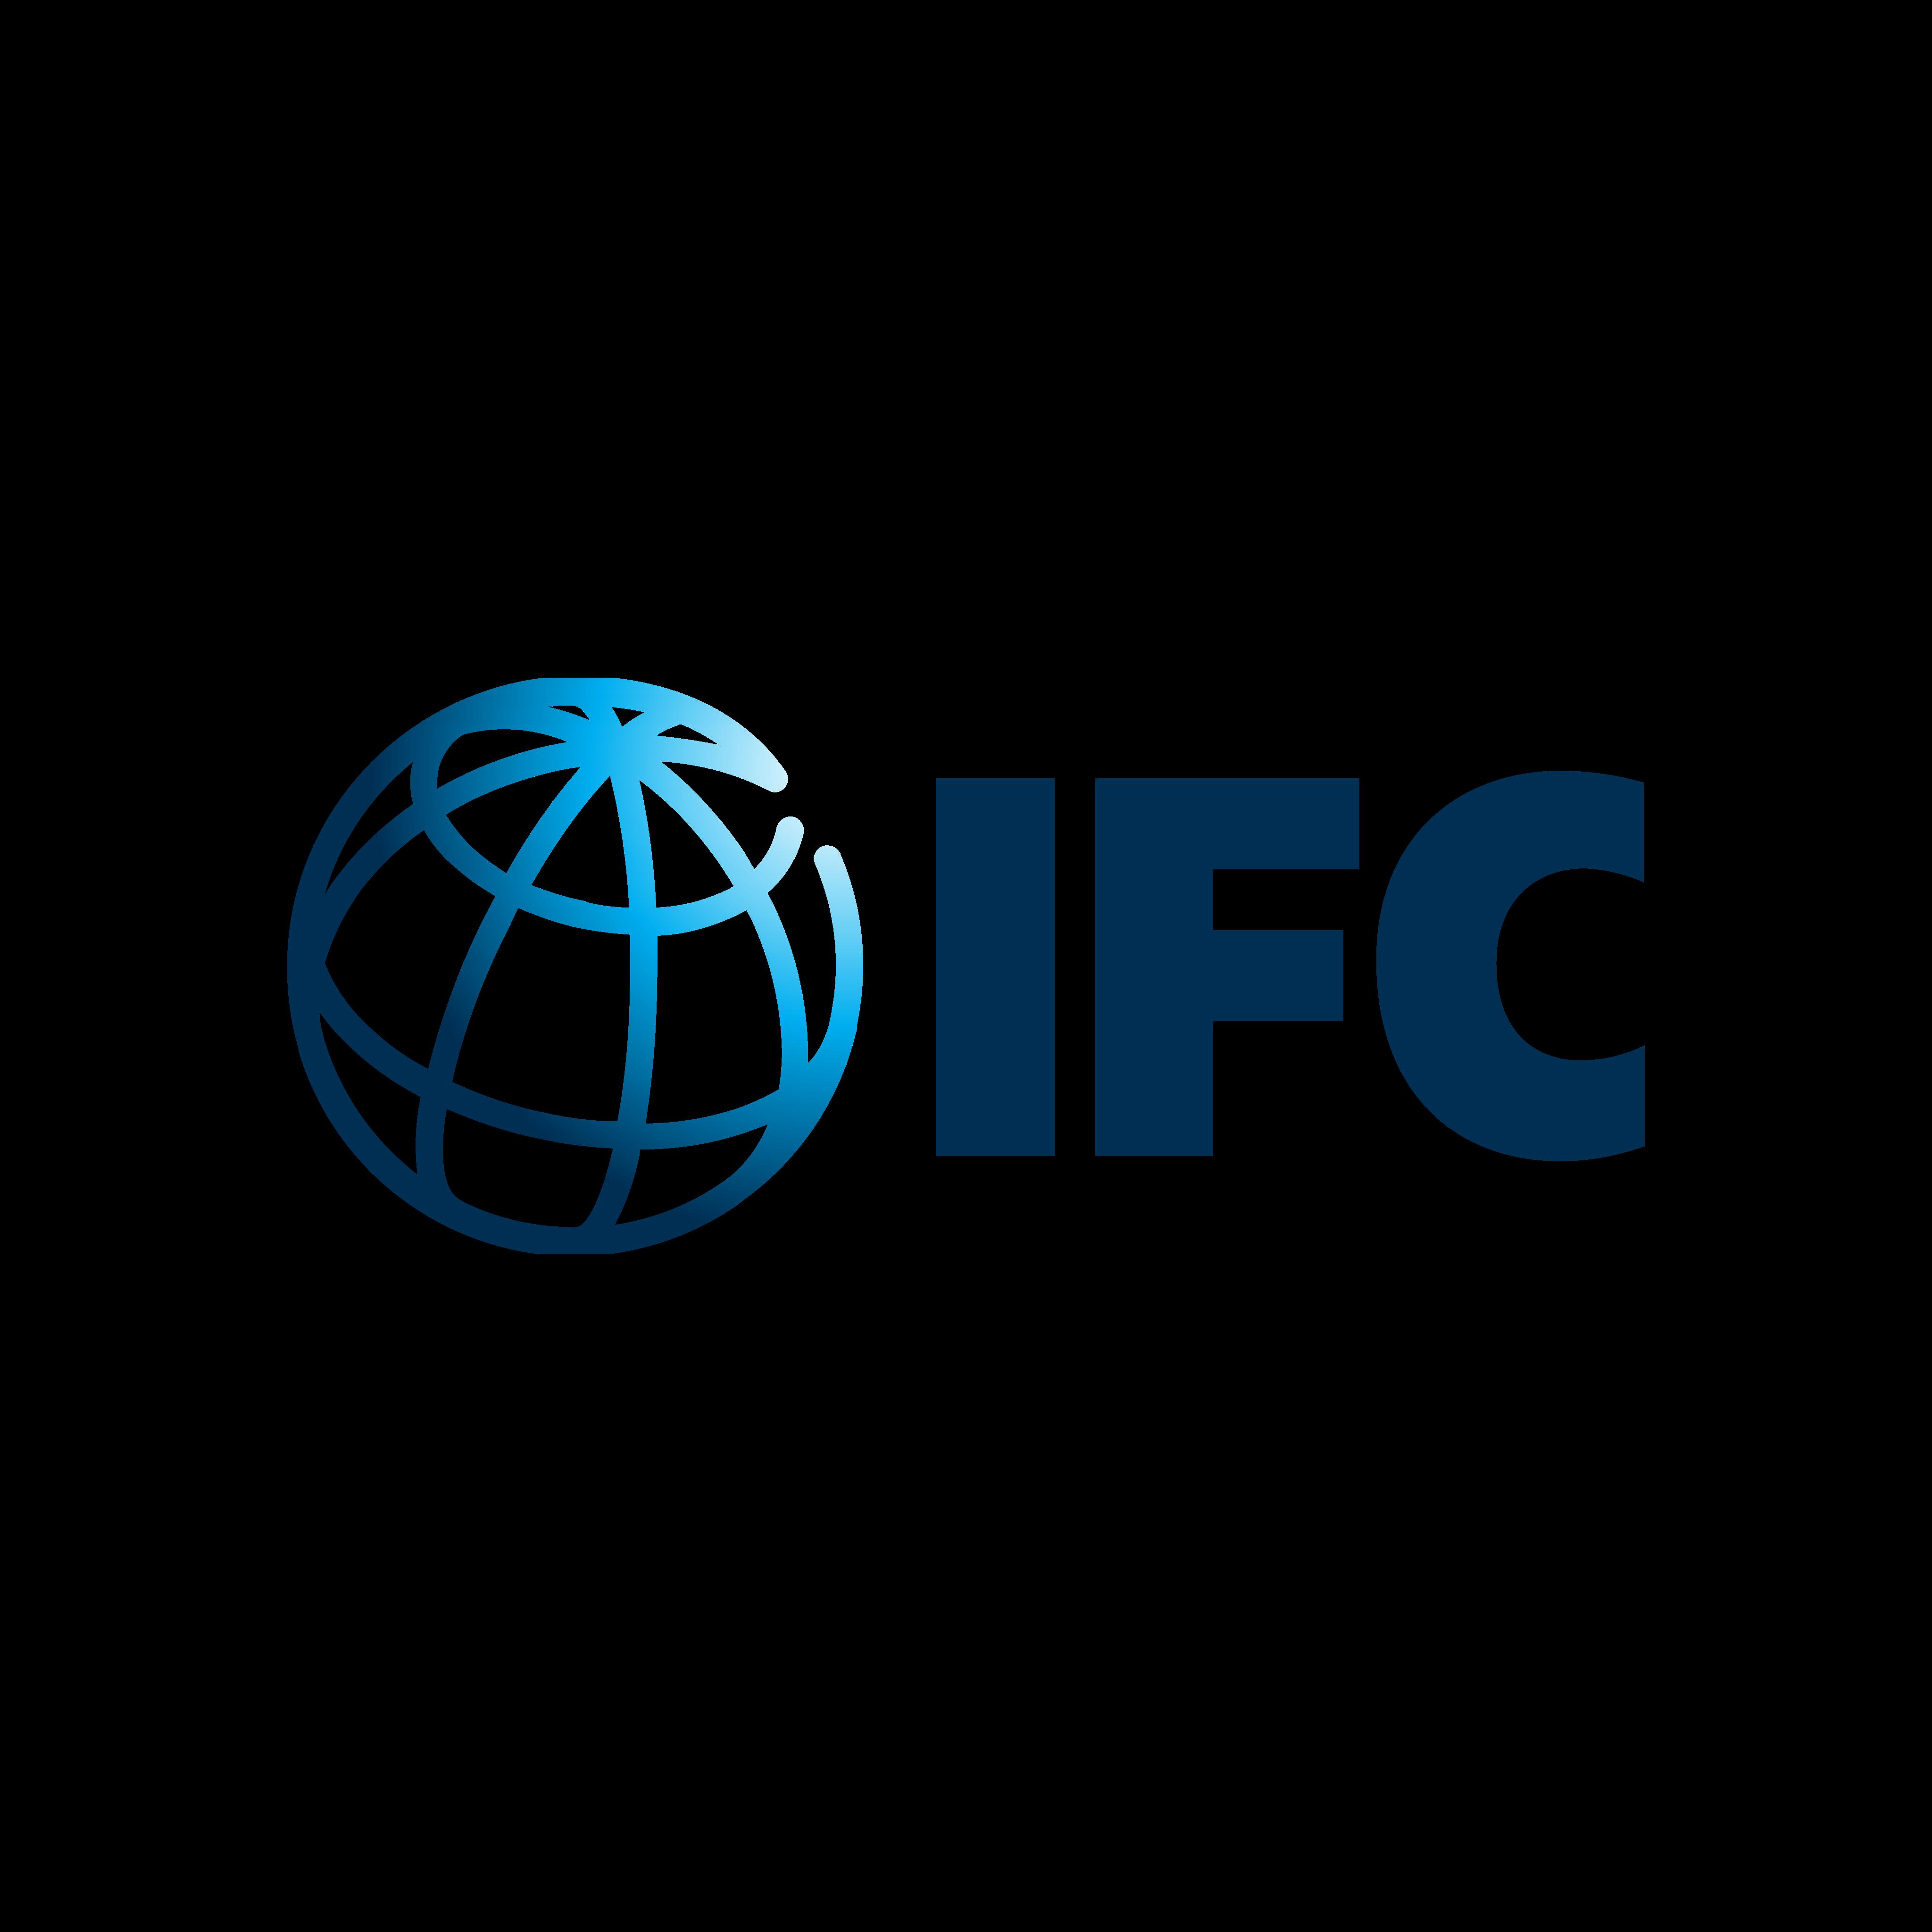 ifc logo 0 - IFC Logo